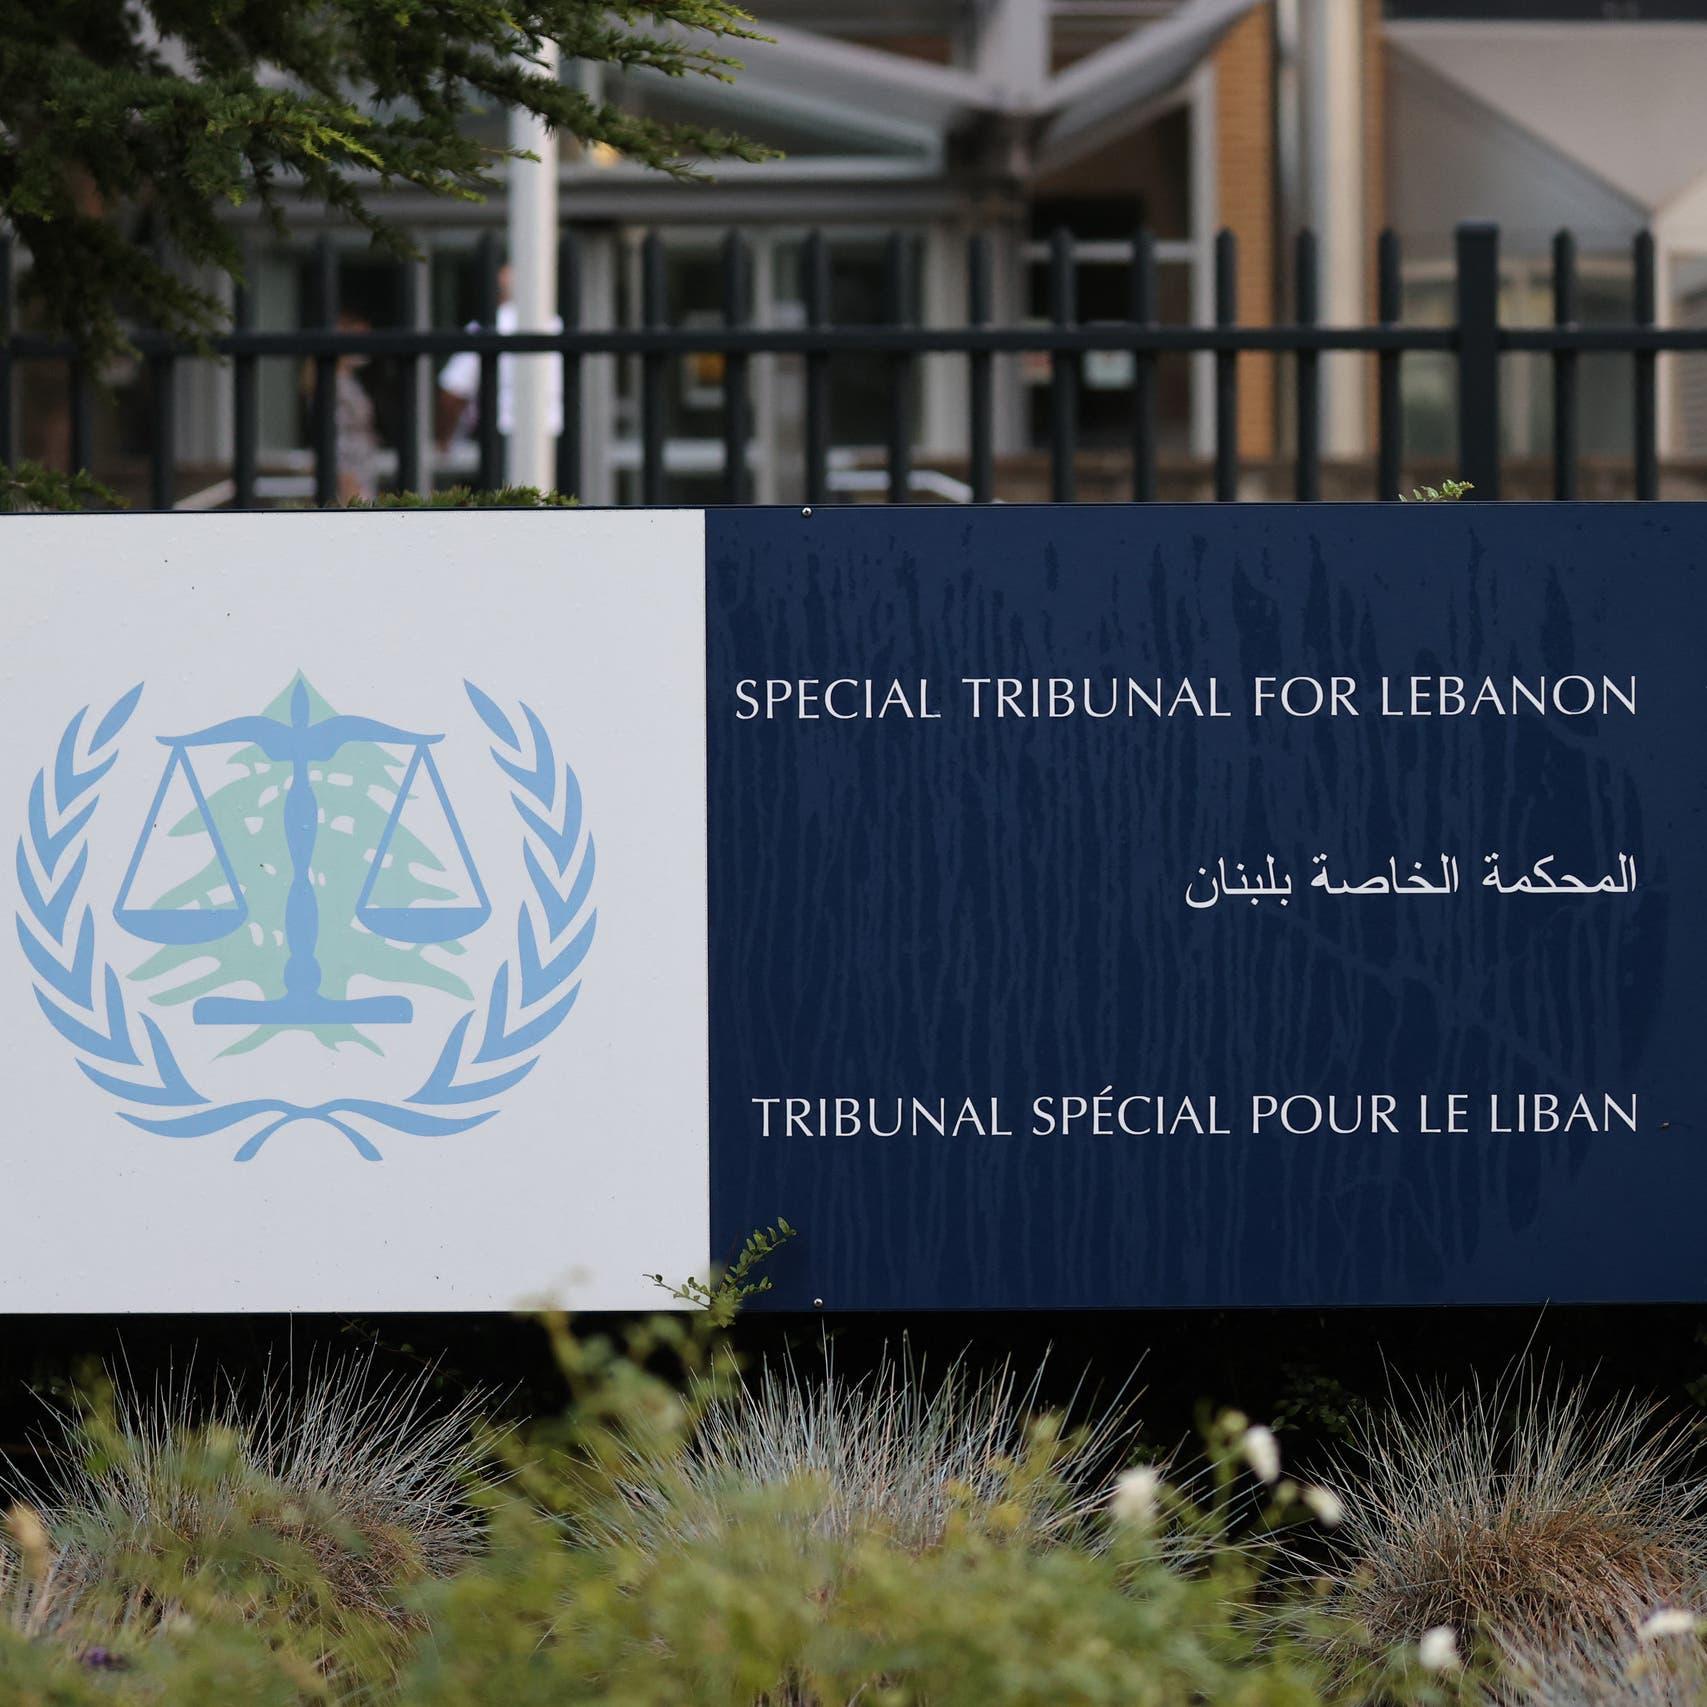 أزمة تمويل حادة.. المحكمة الخاصة بلبنان: سنضطر للإغلاق